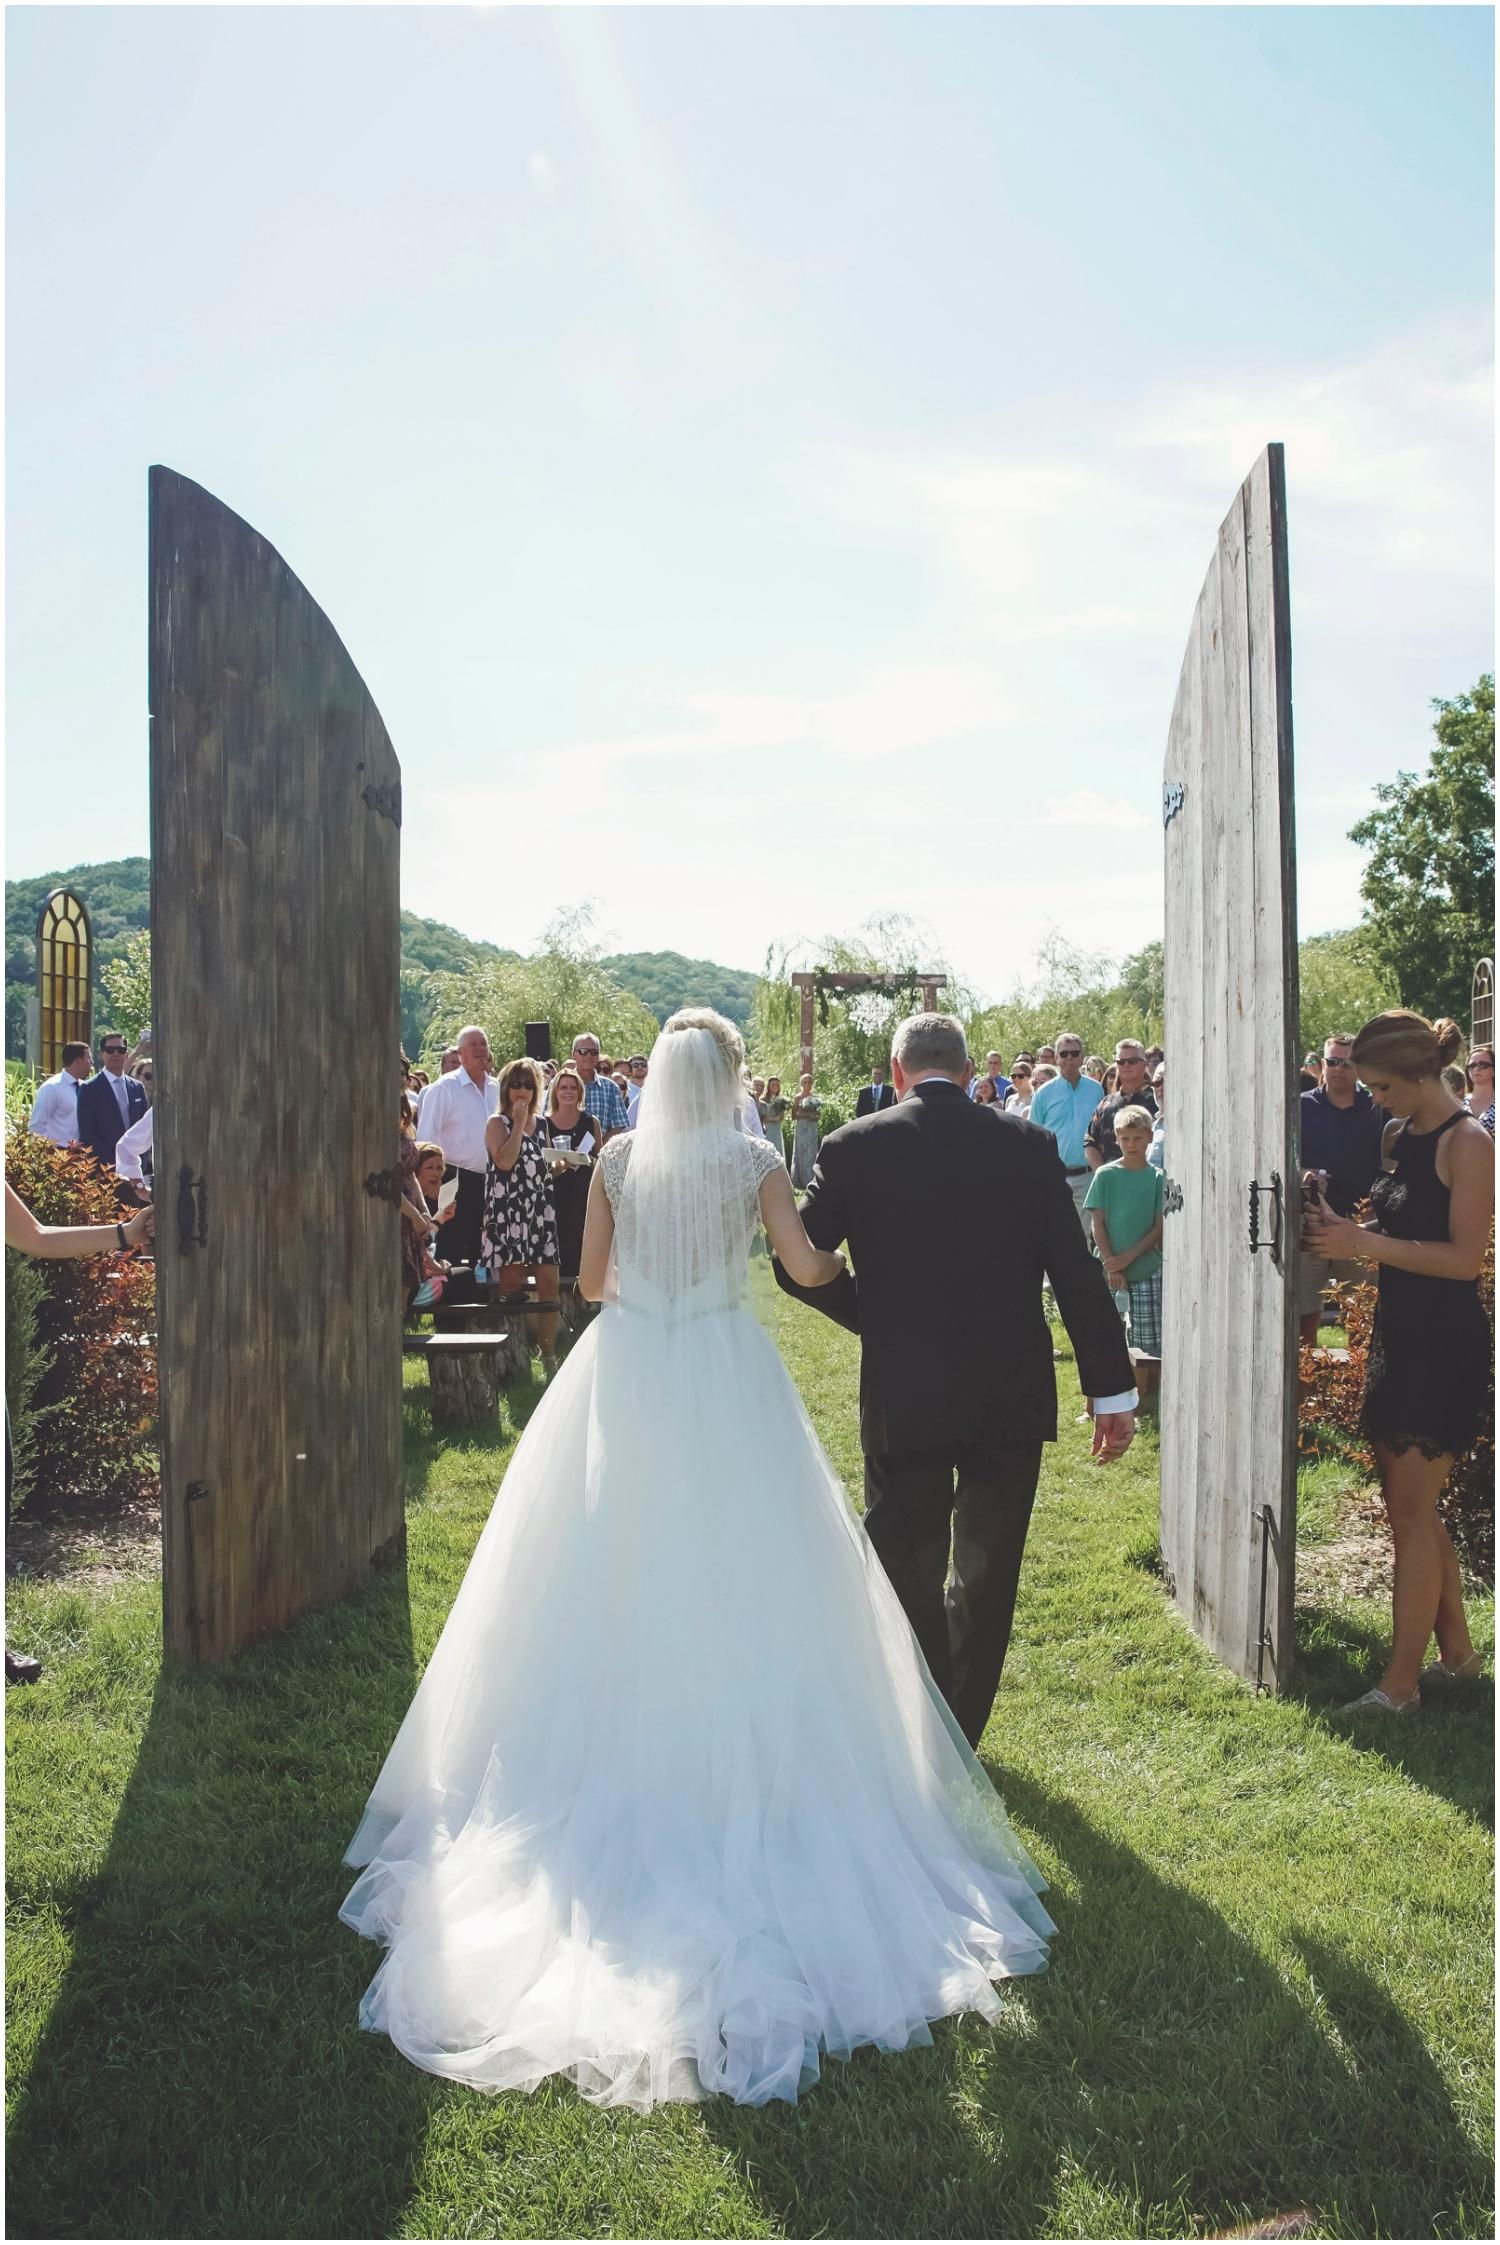 Outdoor wedding ceremony in Wisconsin